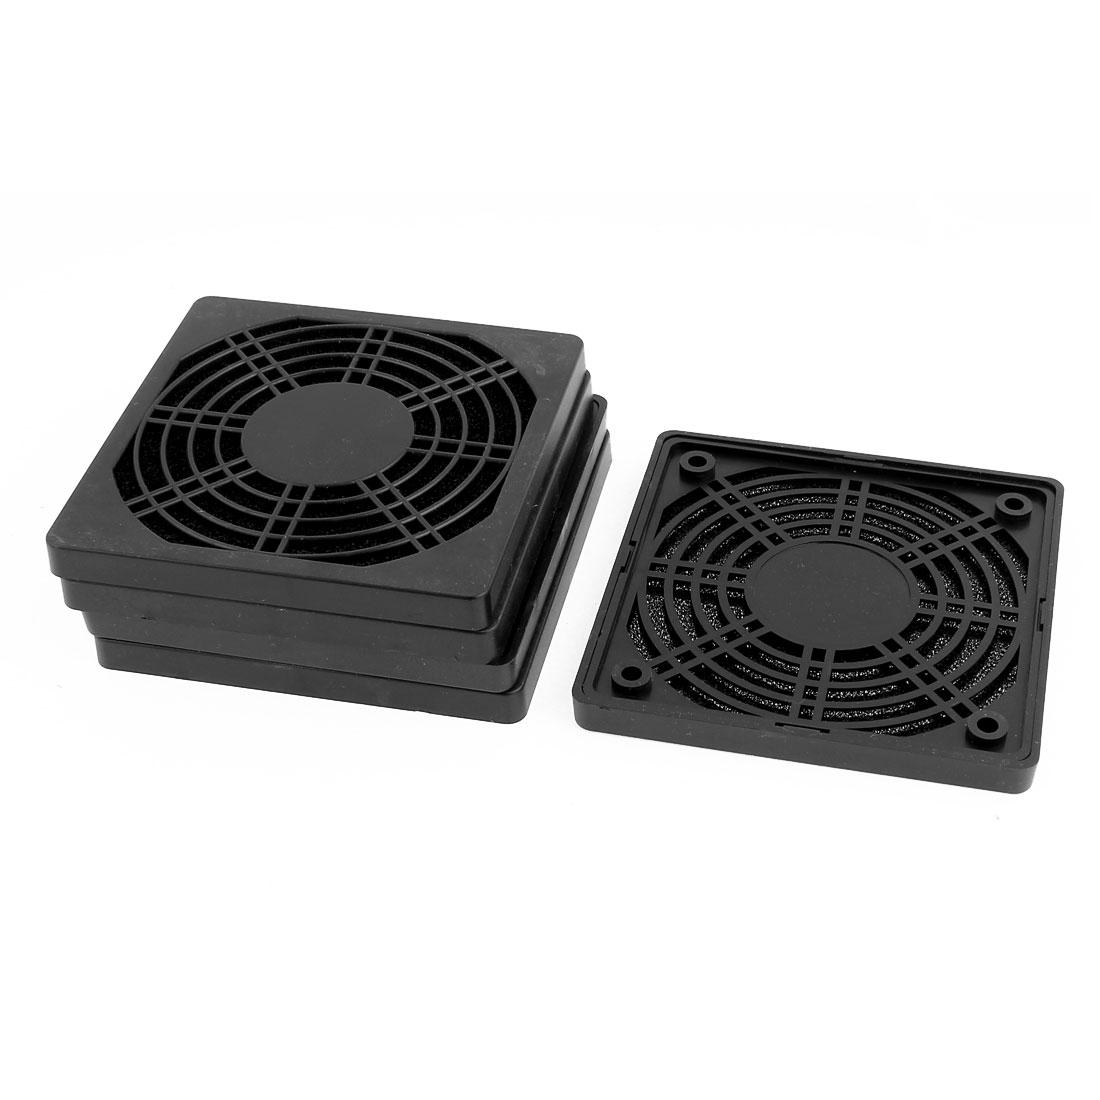 5pcs 115mm x 115mm Dustproof Case PC Computer Case Fan Dust Filter